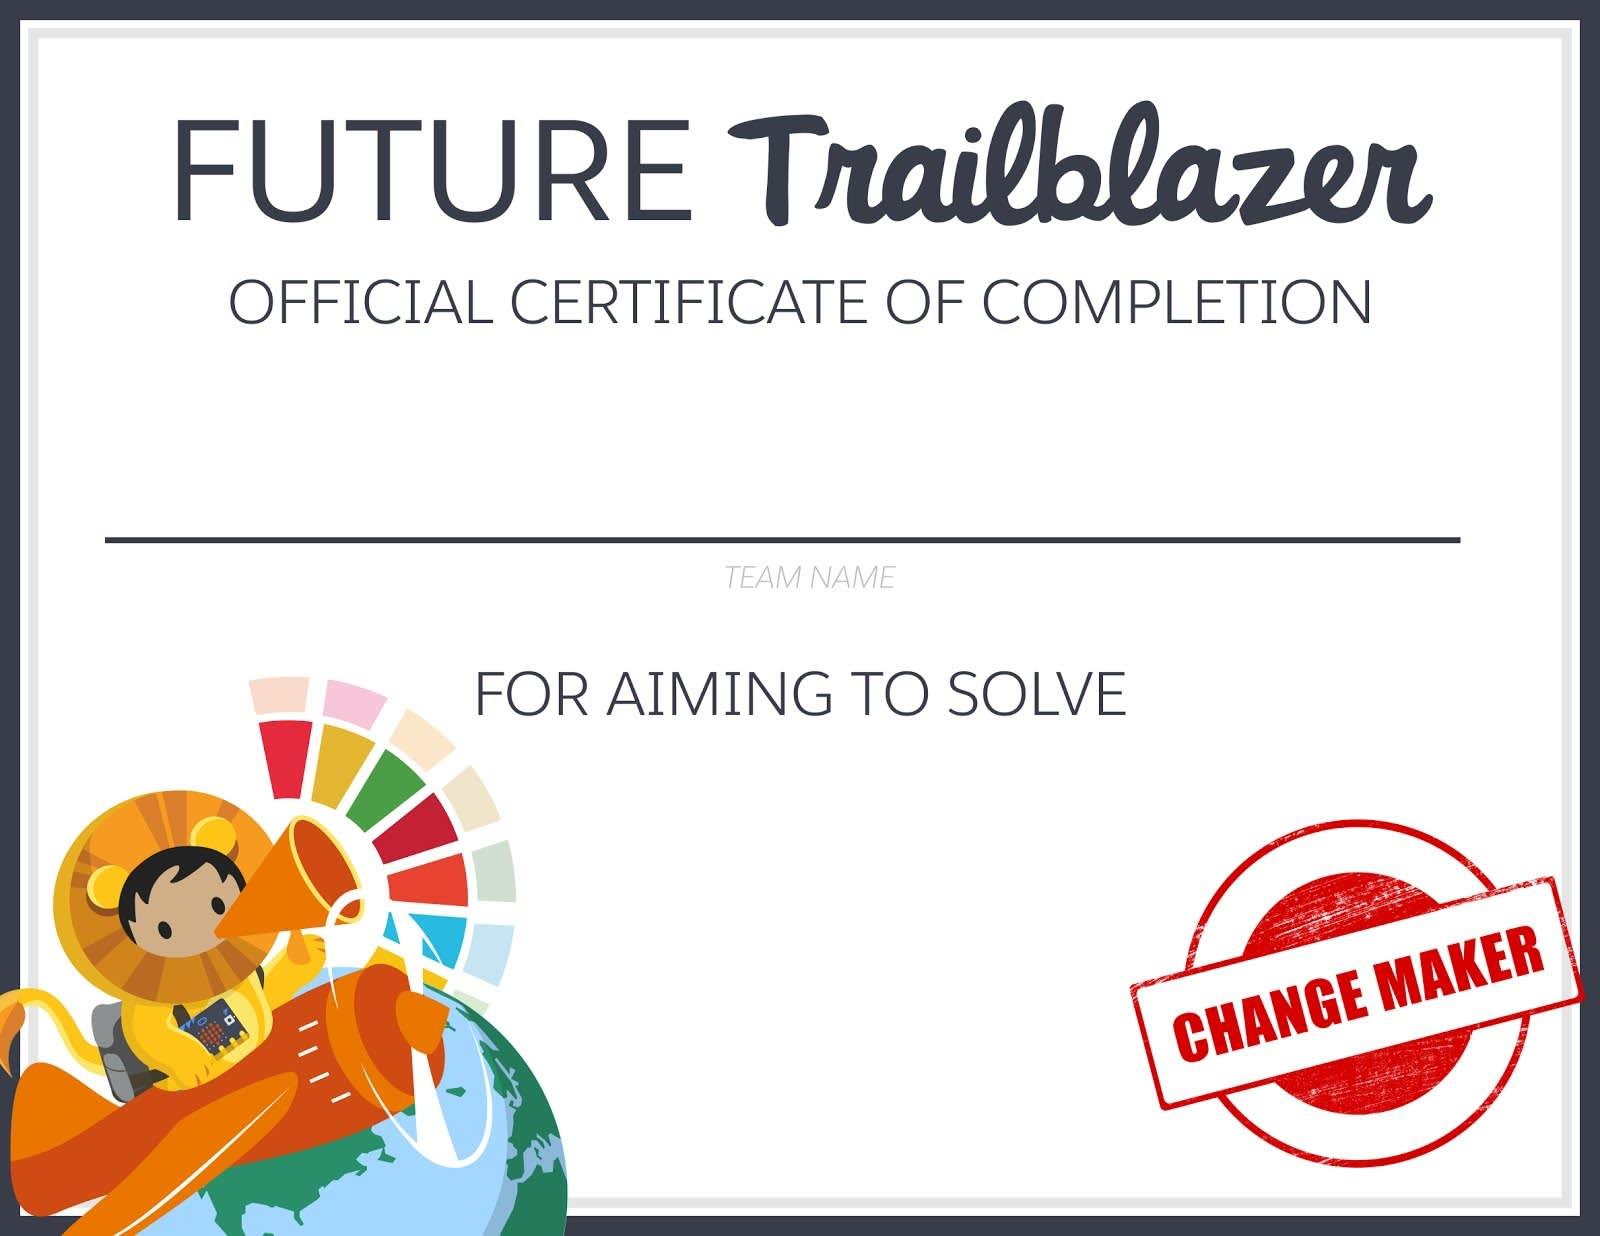 Versão em branco do Certificado de Conclusão Oficial de Future Trailblazer.